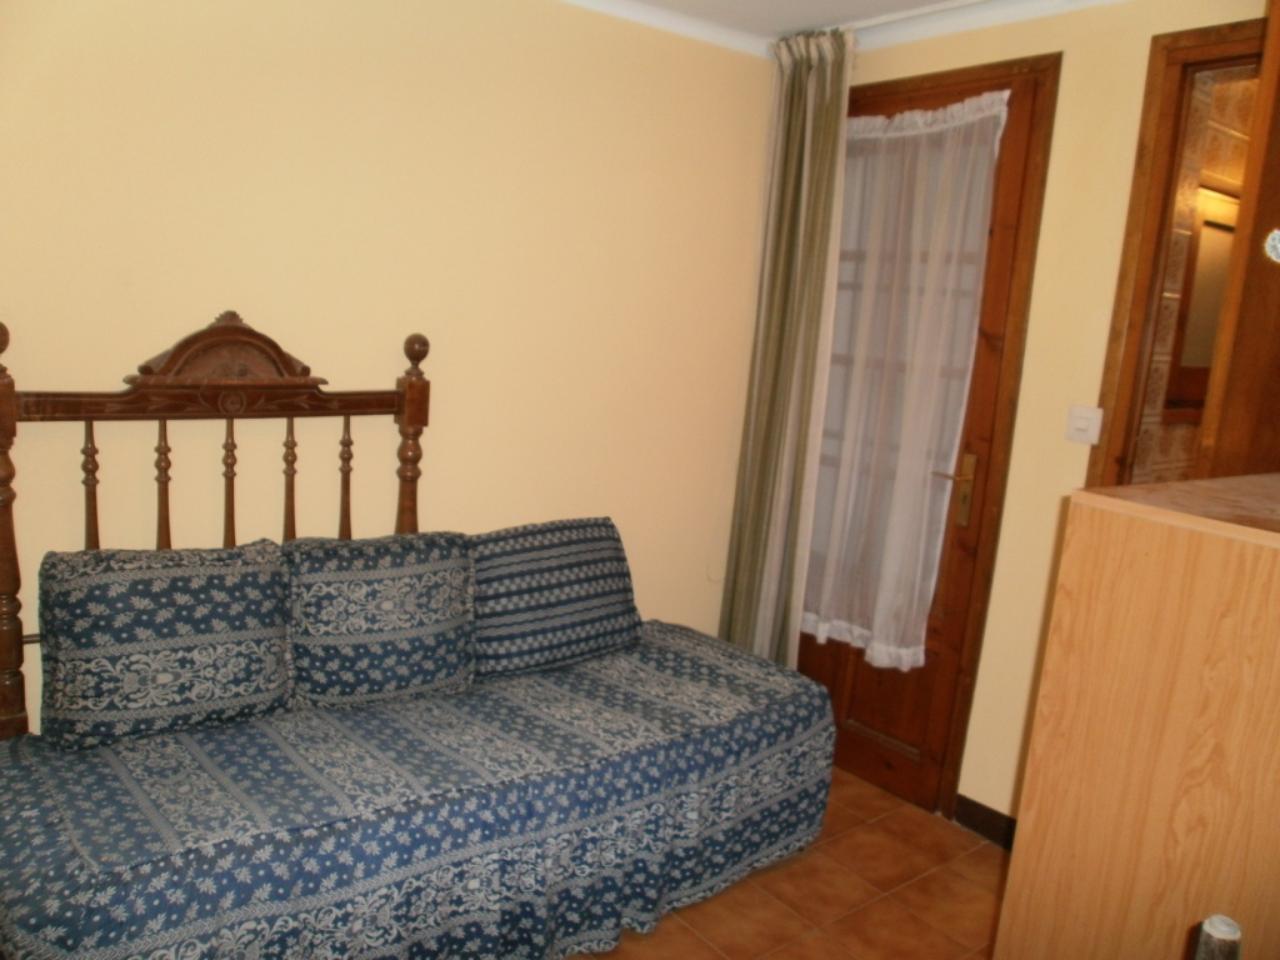 Immoneu cerdanya grup immoneu casa en venta en puigcerd por pao013 - Casas en puigcerda ...